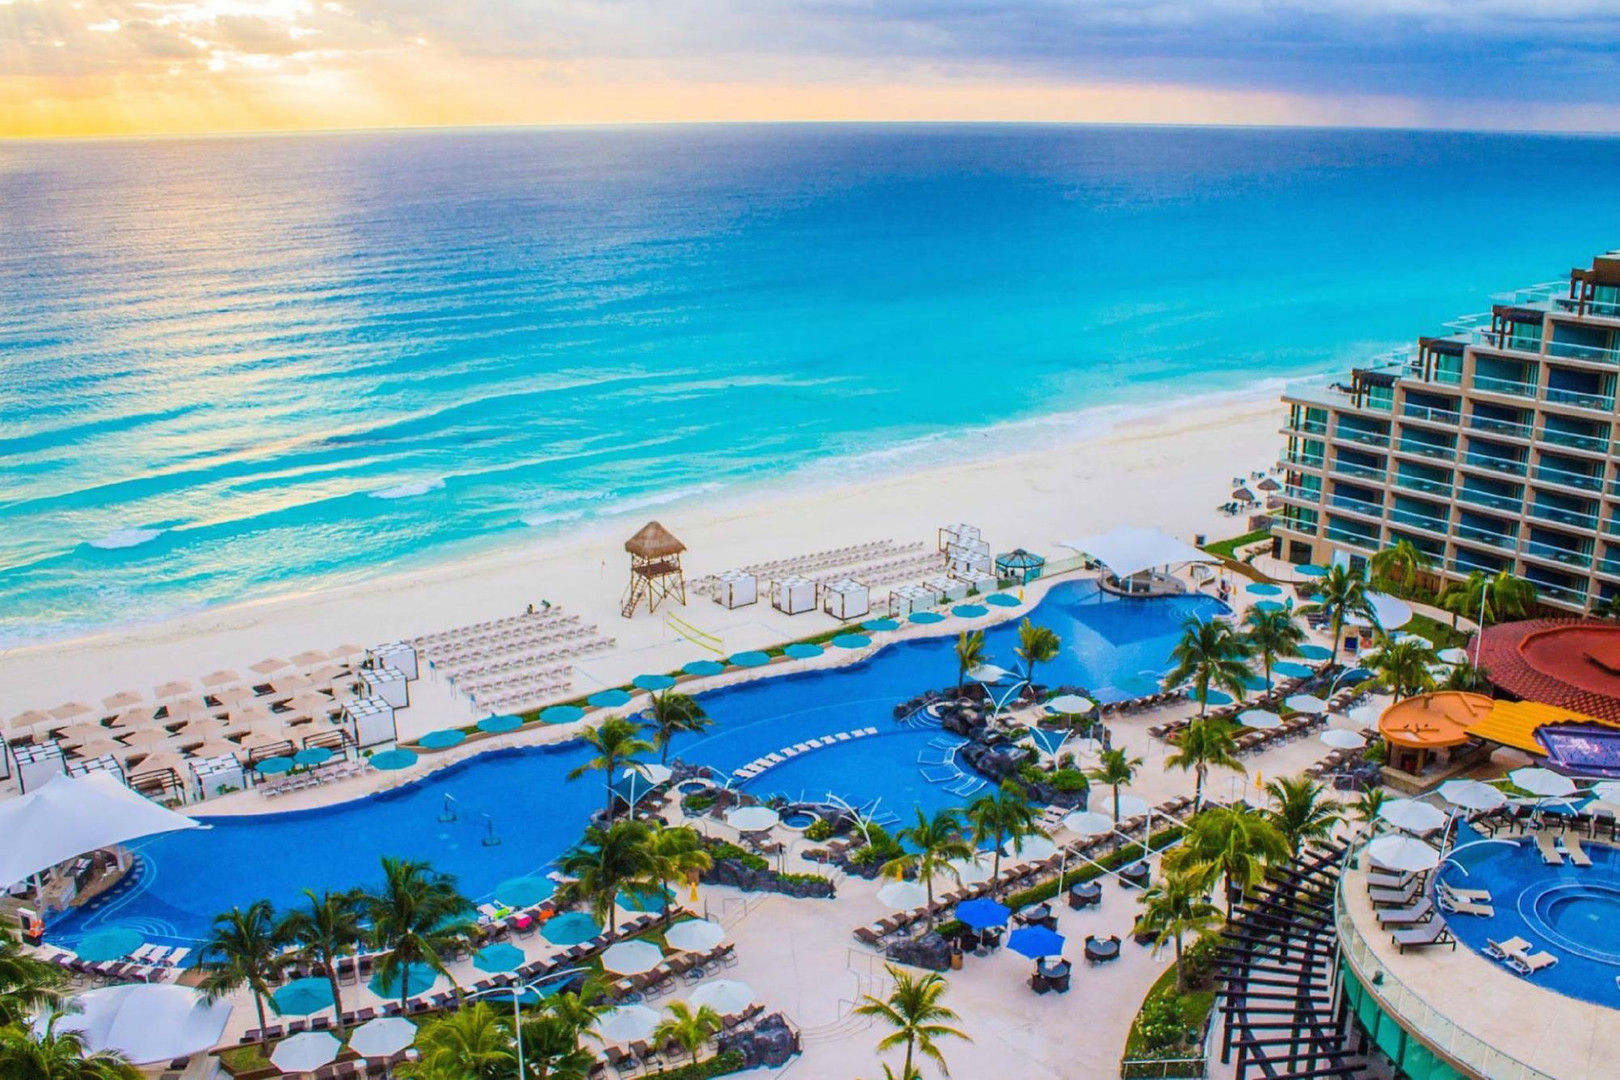 hard-rock-hotel-cancun.jpg